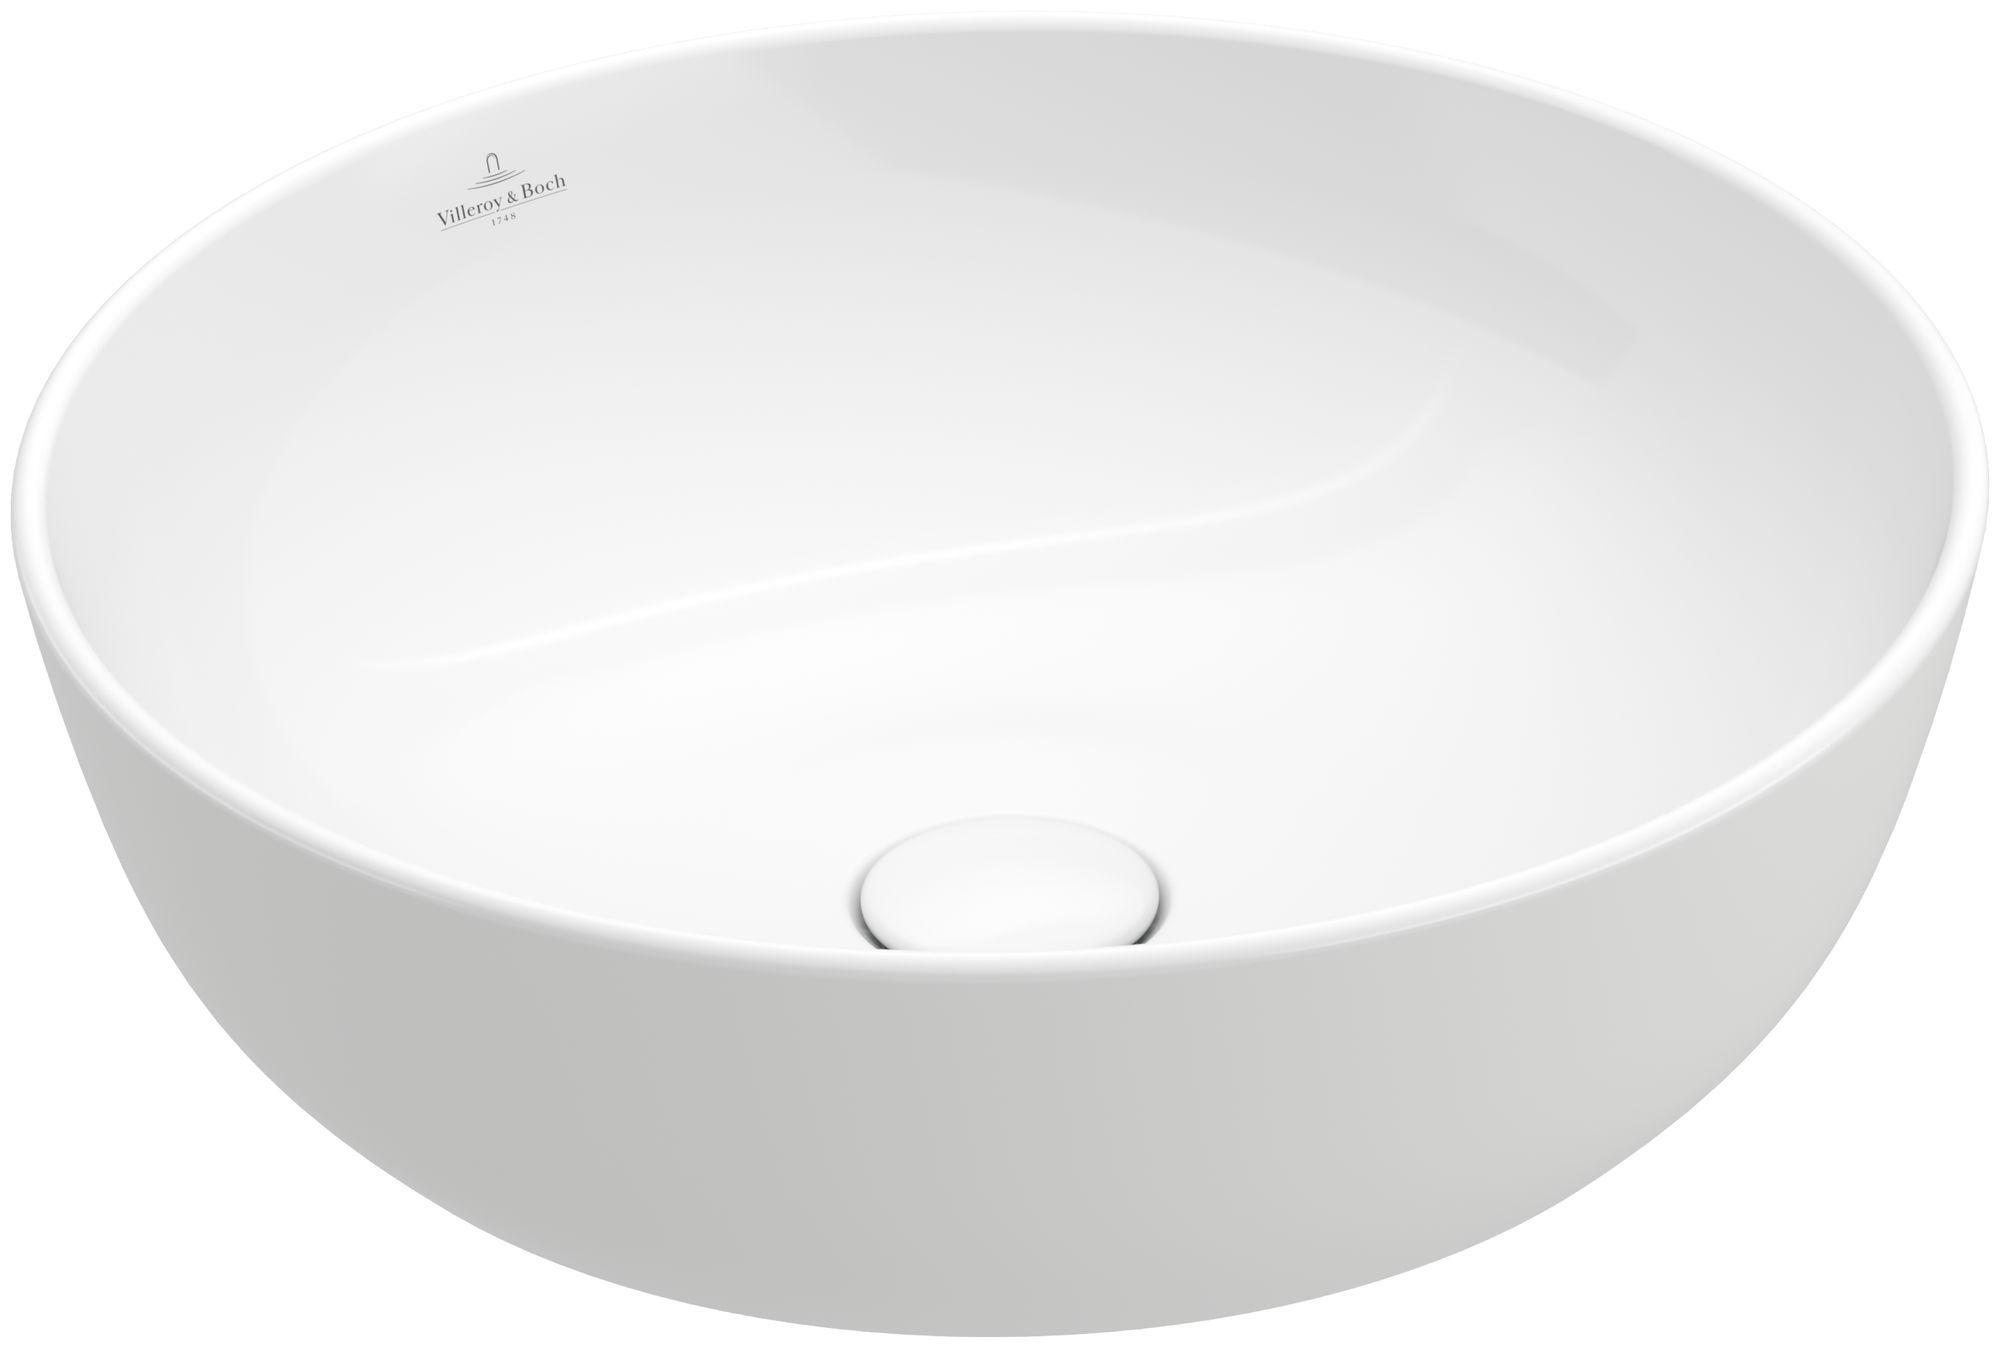 Villeroy & Boch Artis Aufsatzwaschtisch Durchmesser 43cm ohne Hahnloch ohne Überlauf rund weiß mit CeramicPlus 417943R1